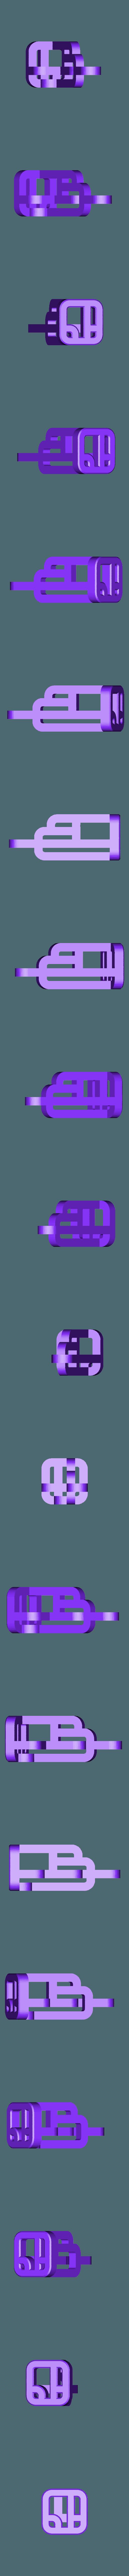 small10.stl Télécharger fichier STL gratuit Boucles de procédure • Design imprimable en 3D, ferjerez3d